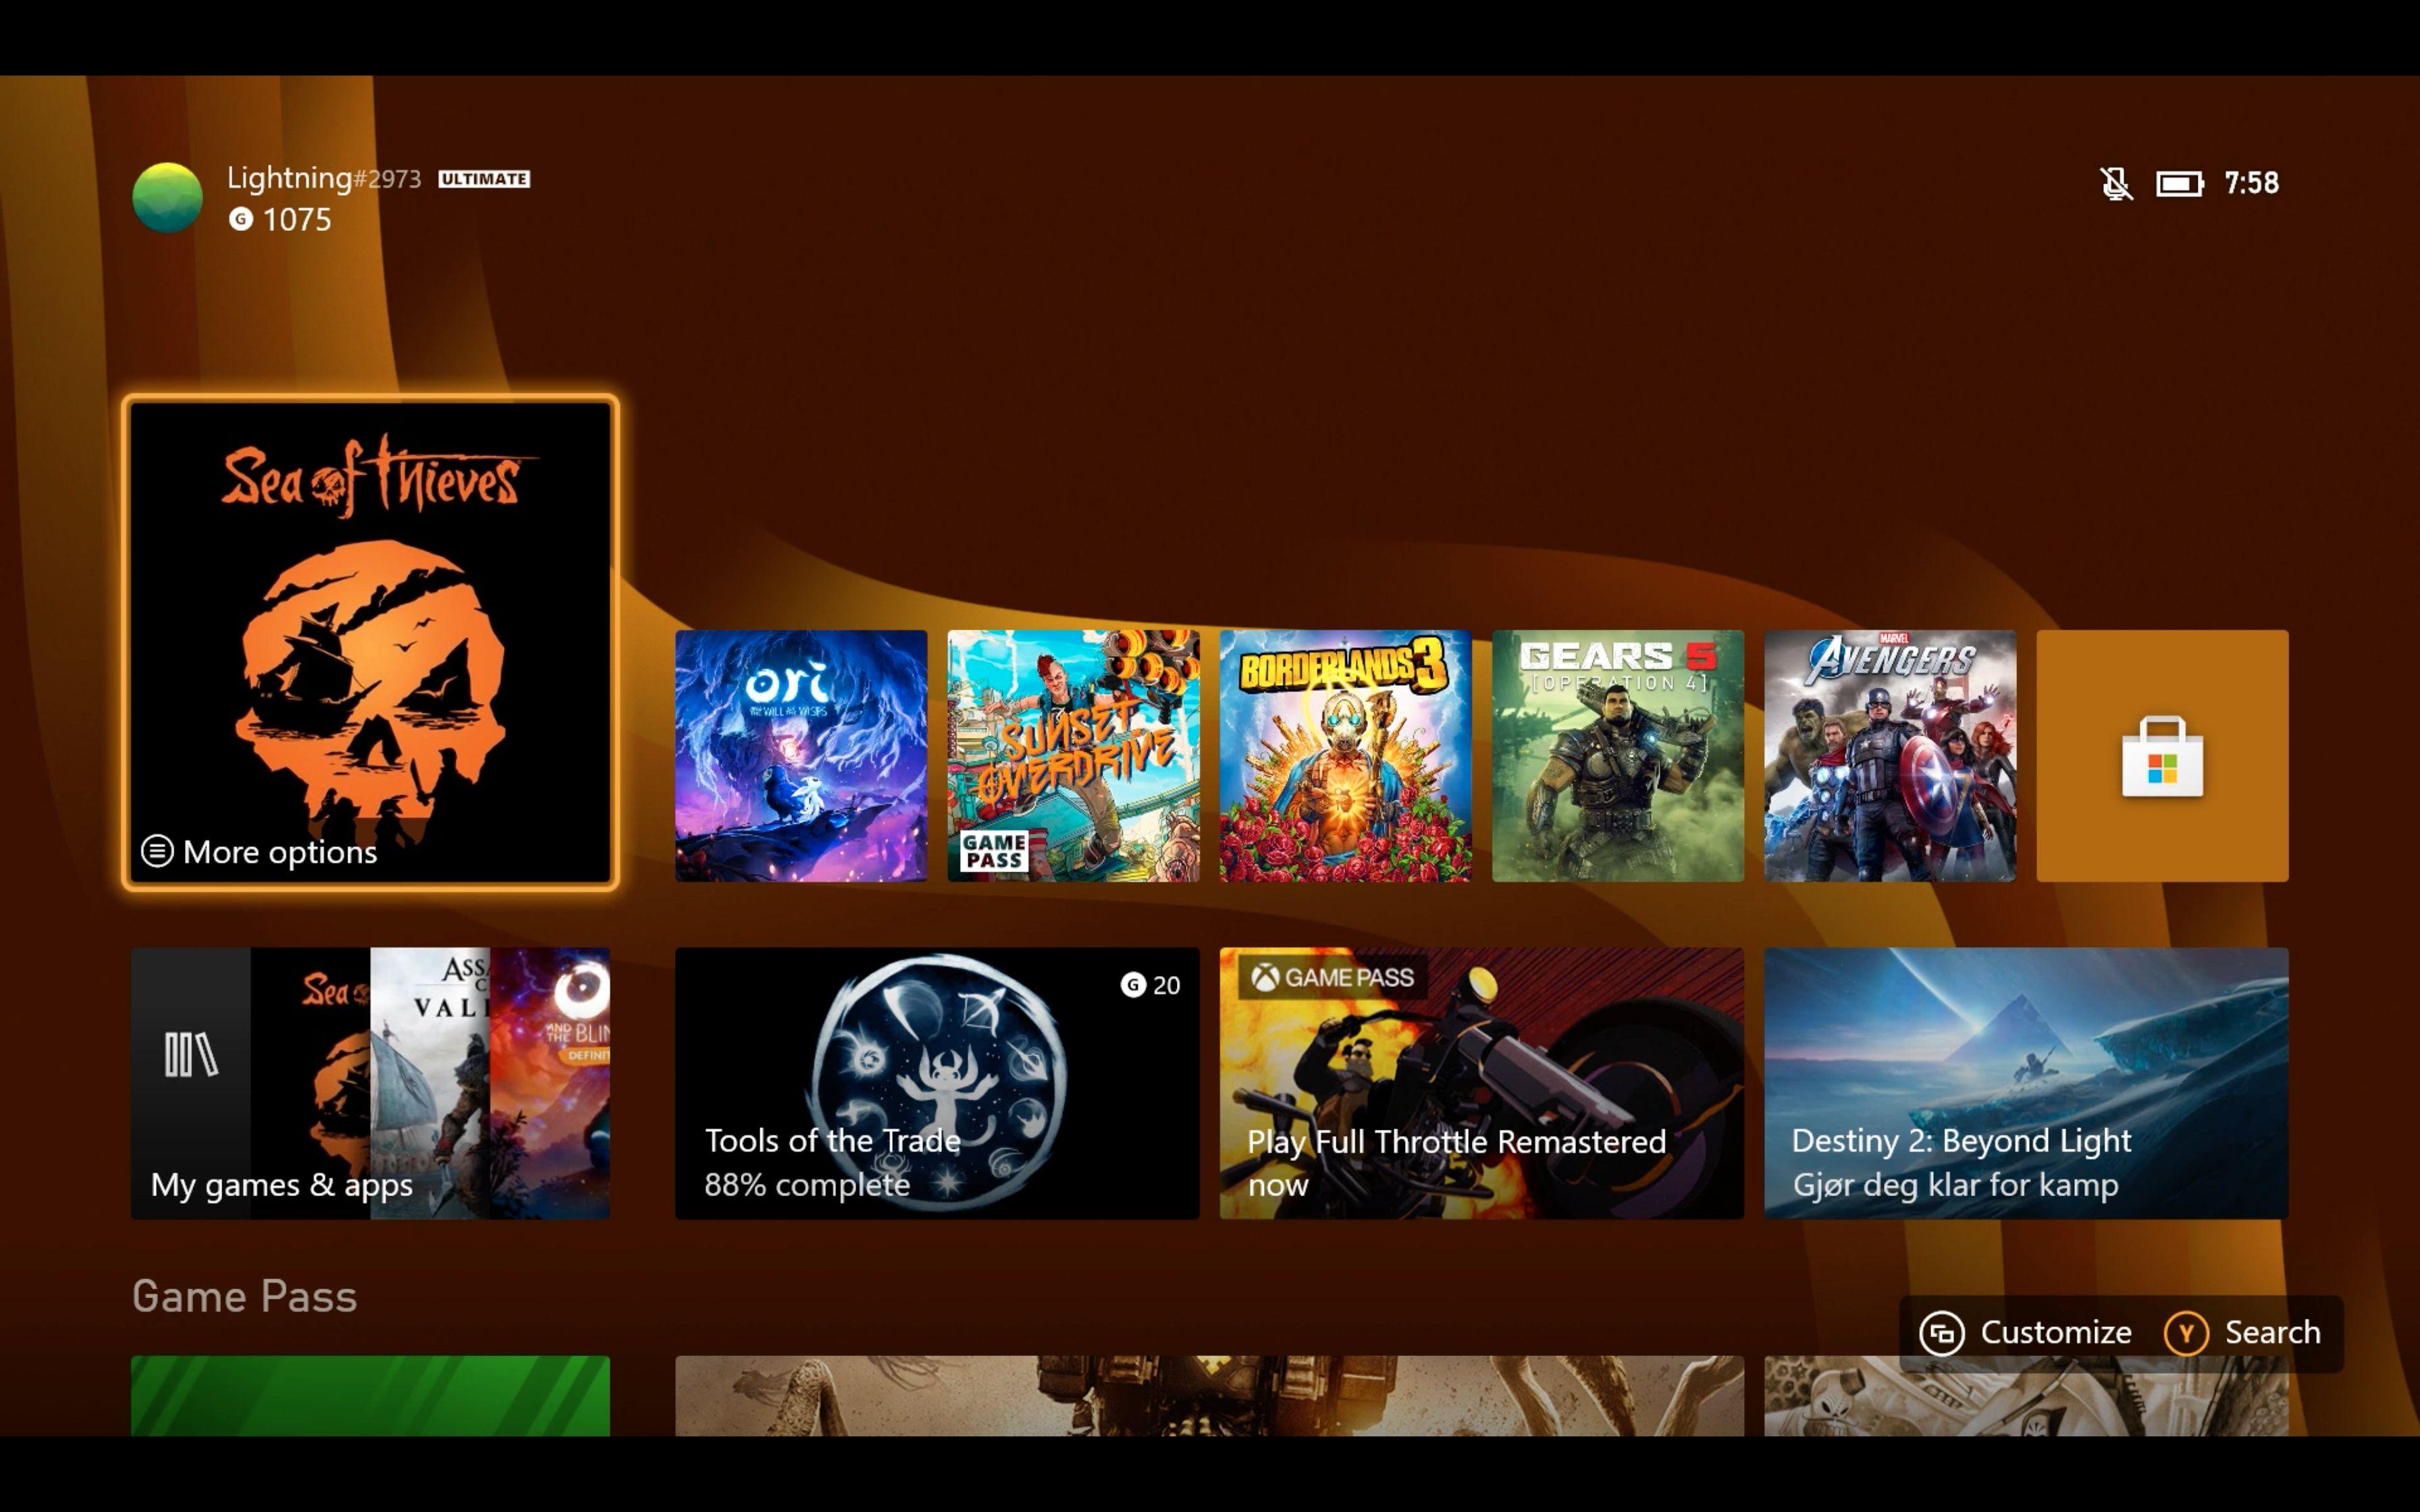 Menyene er mer eller mindre identiske med de du finner på Xbox One.